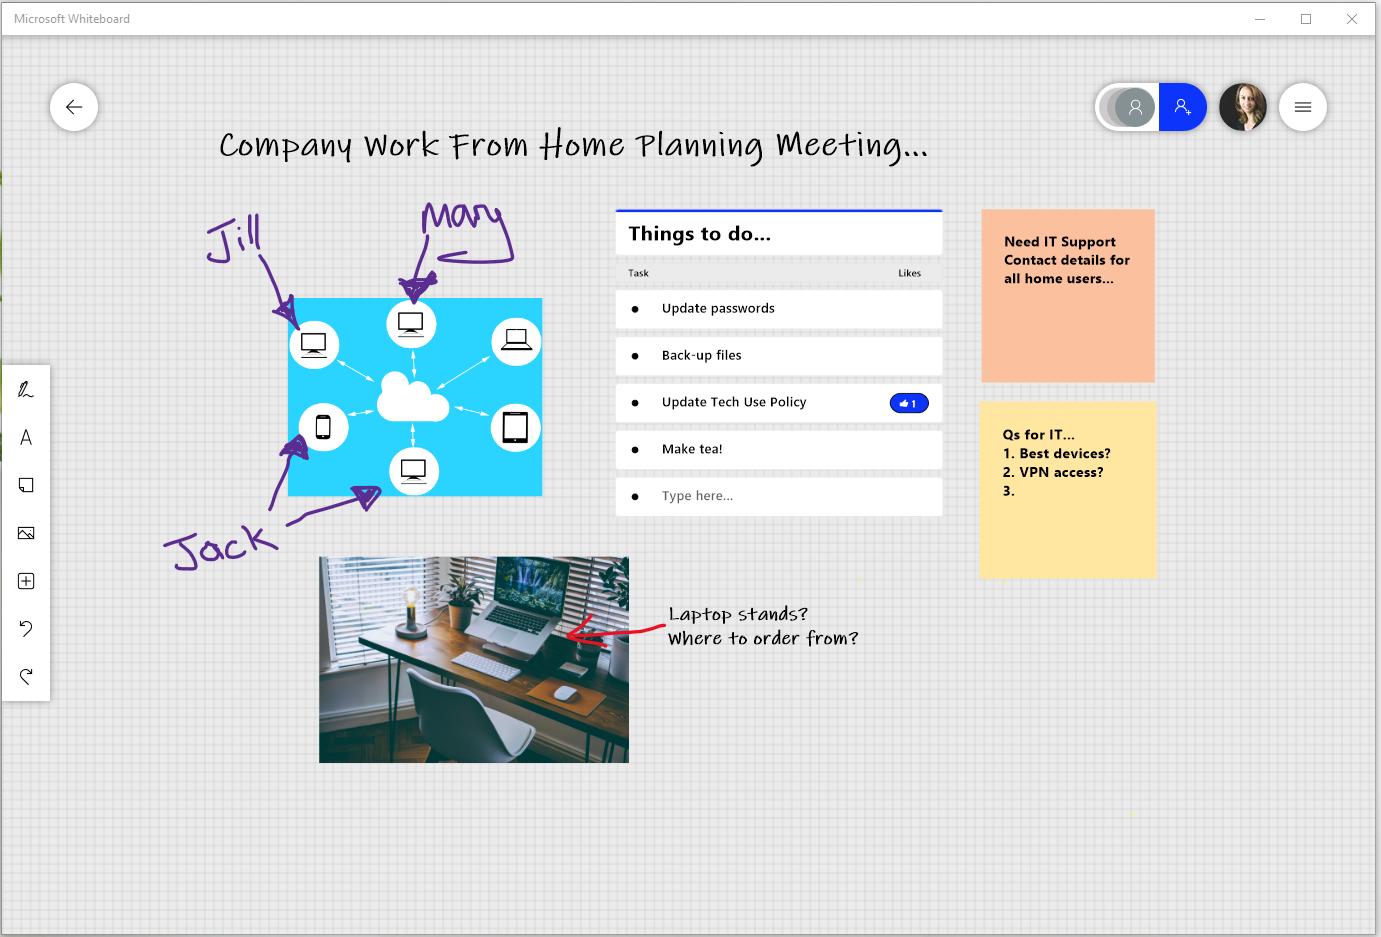 microsoft whiteboard screenshot